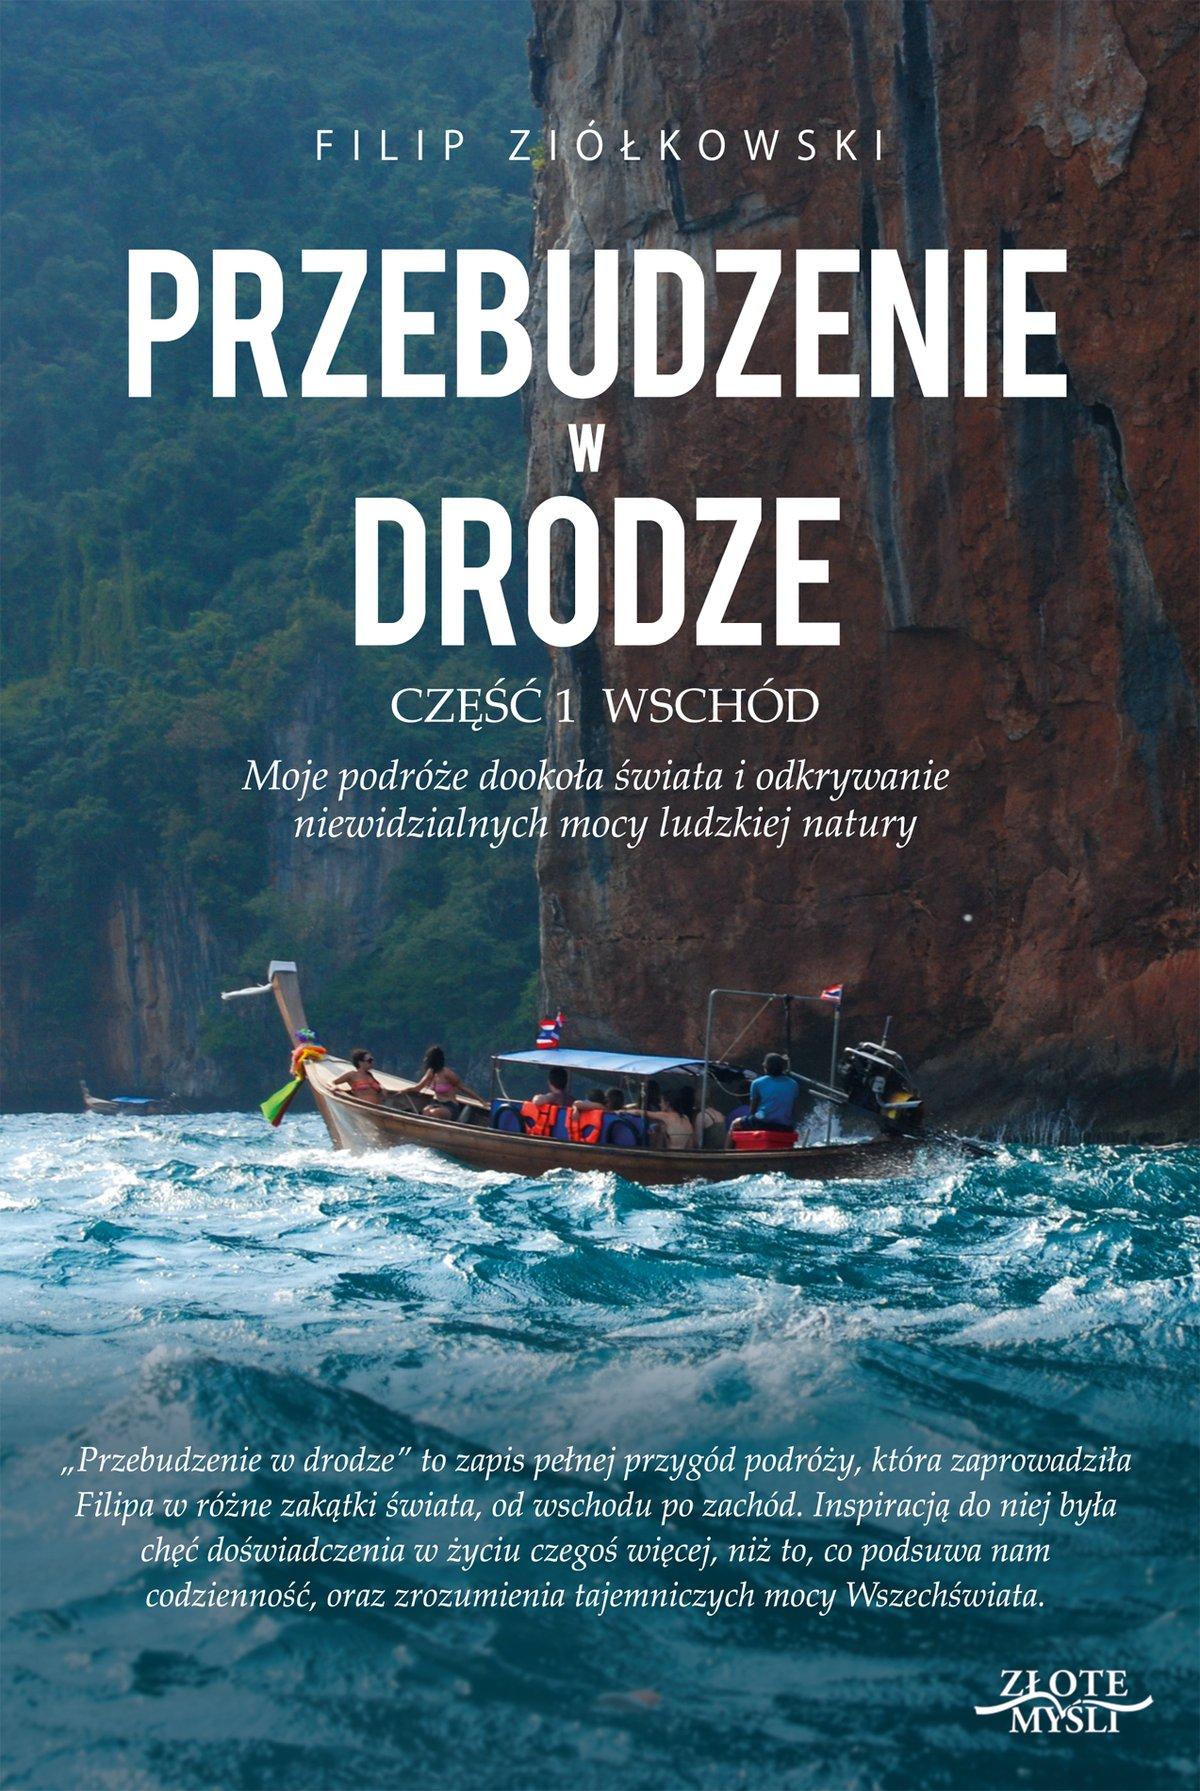 Przebudzenie w drodze - Ebook (Książka PDF) do pobrania w formacie PDF